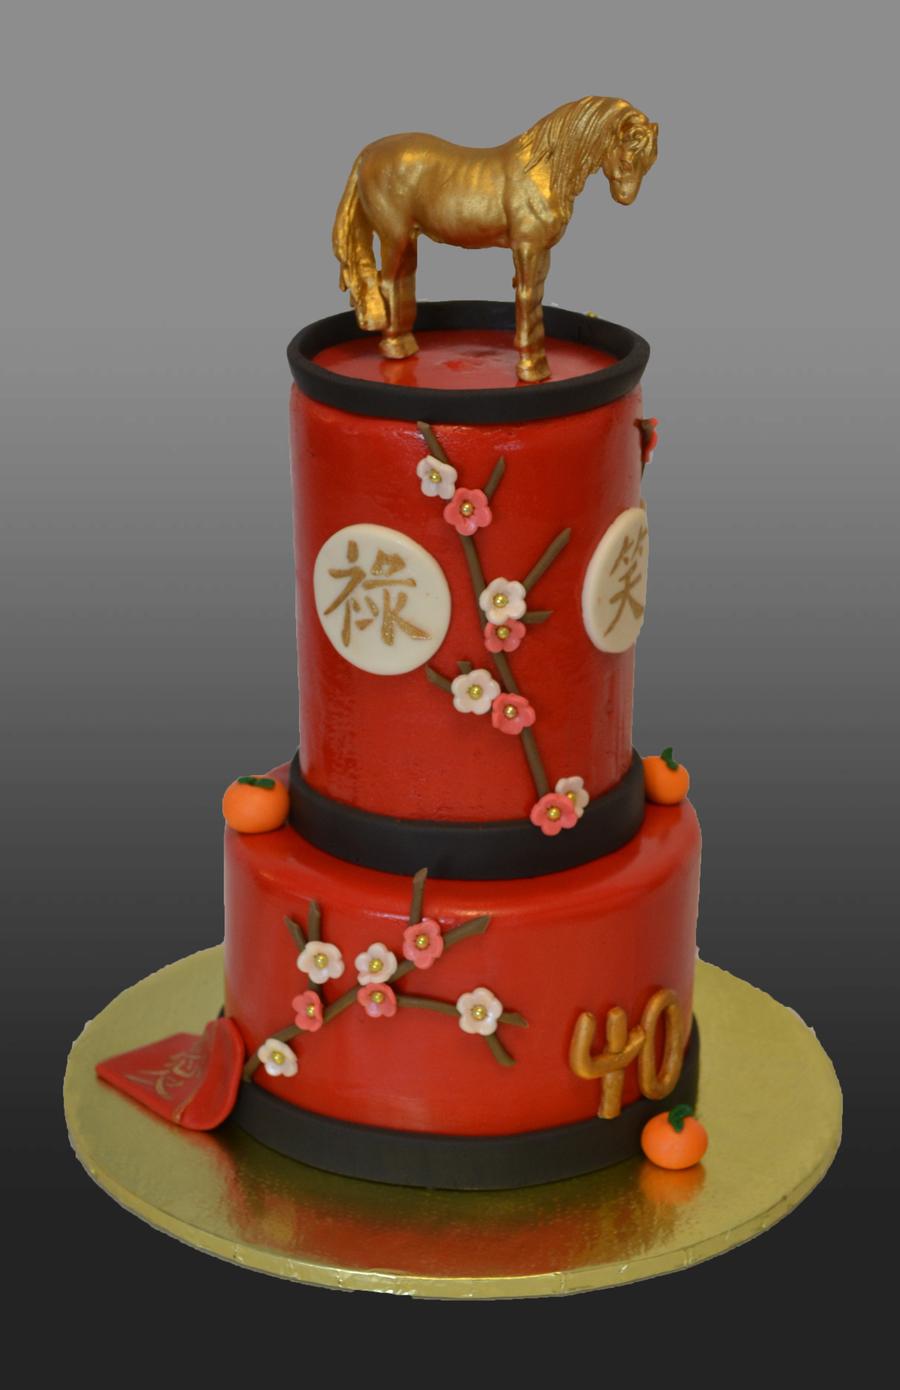 Chinese Themed Birthday Cake